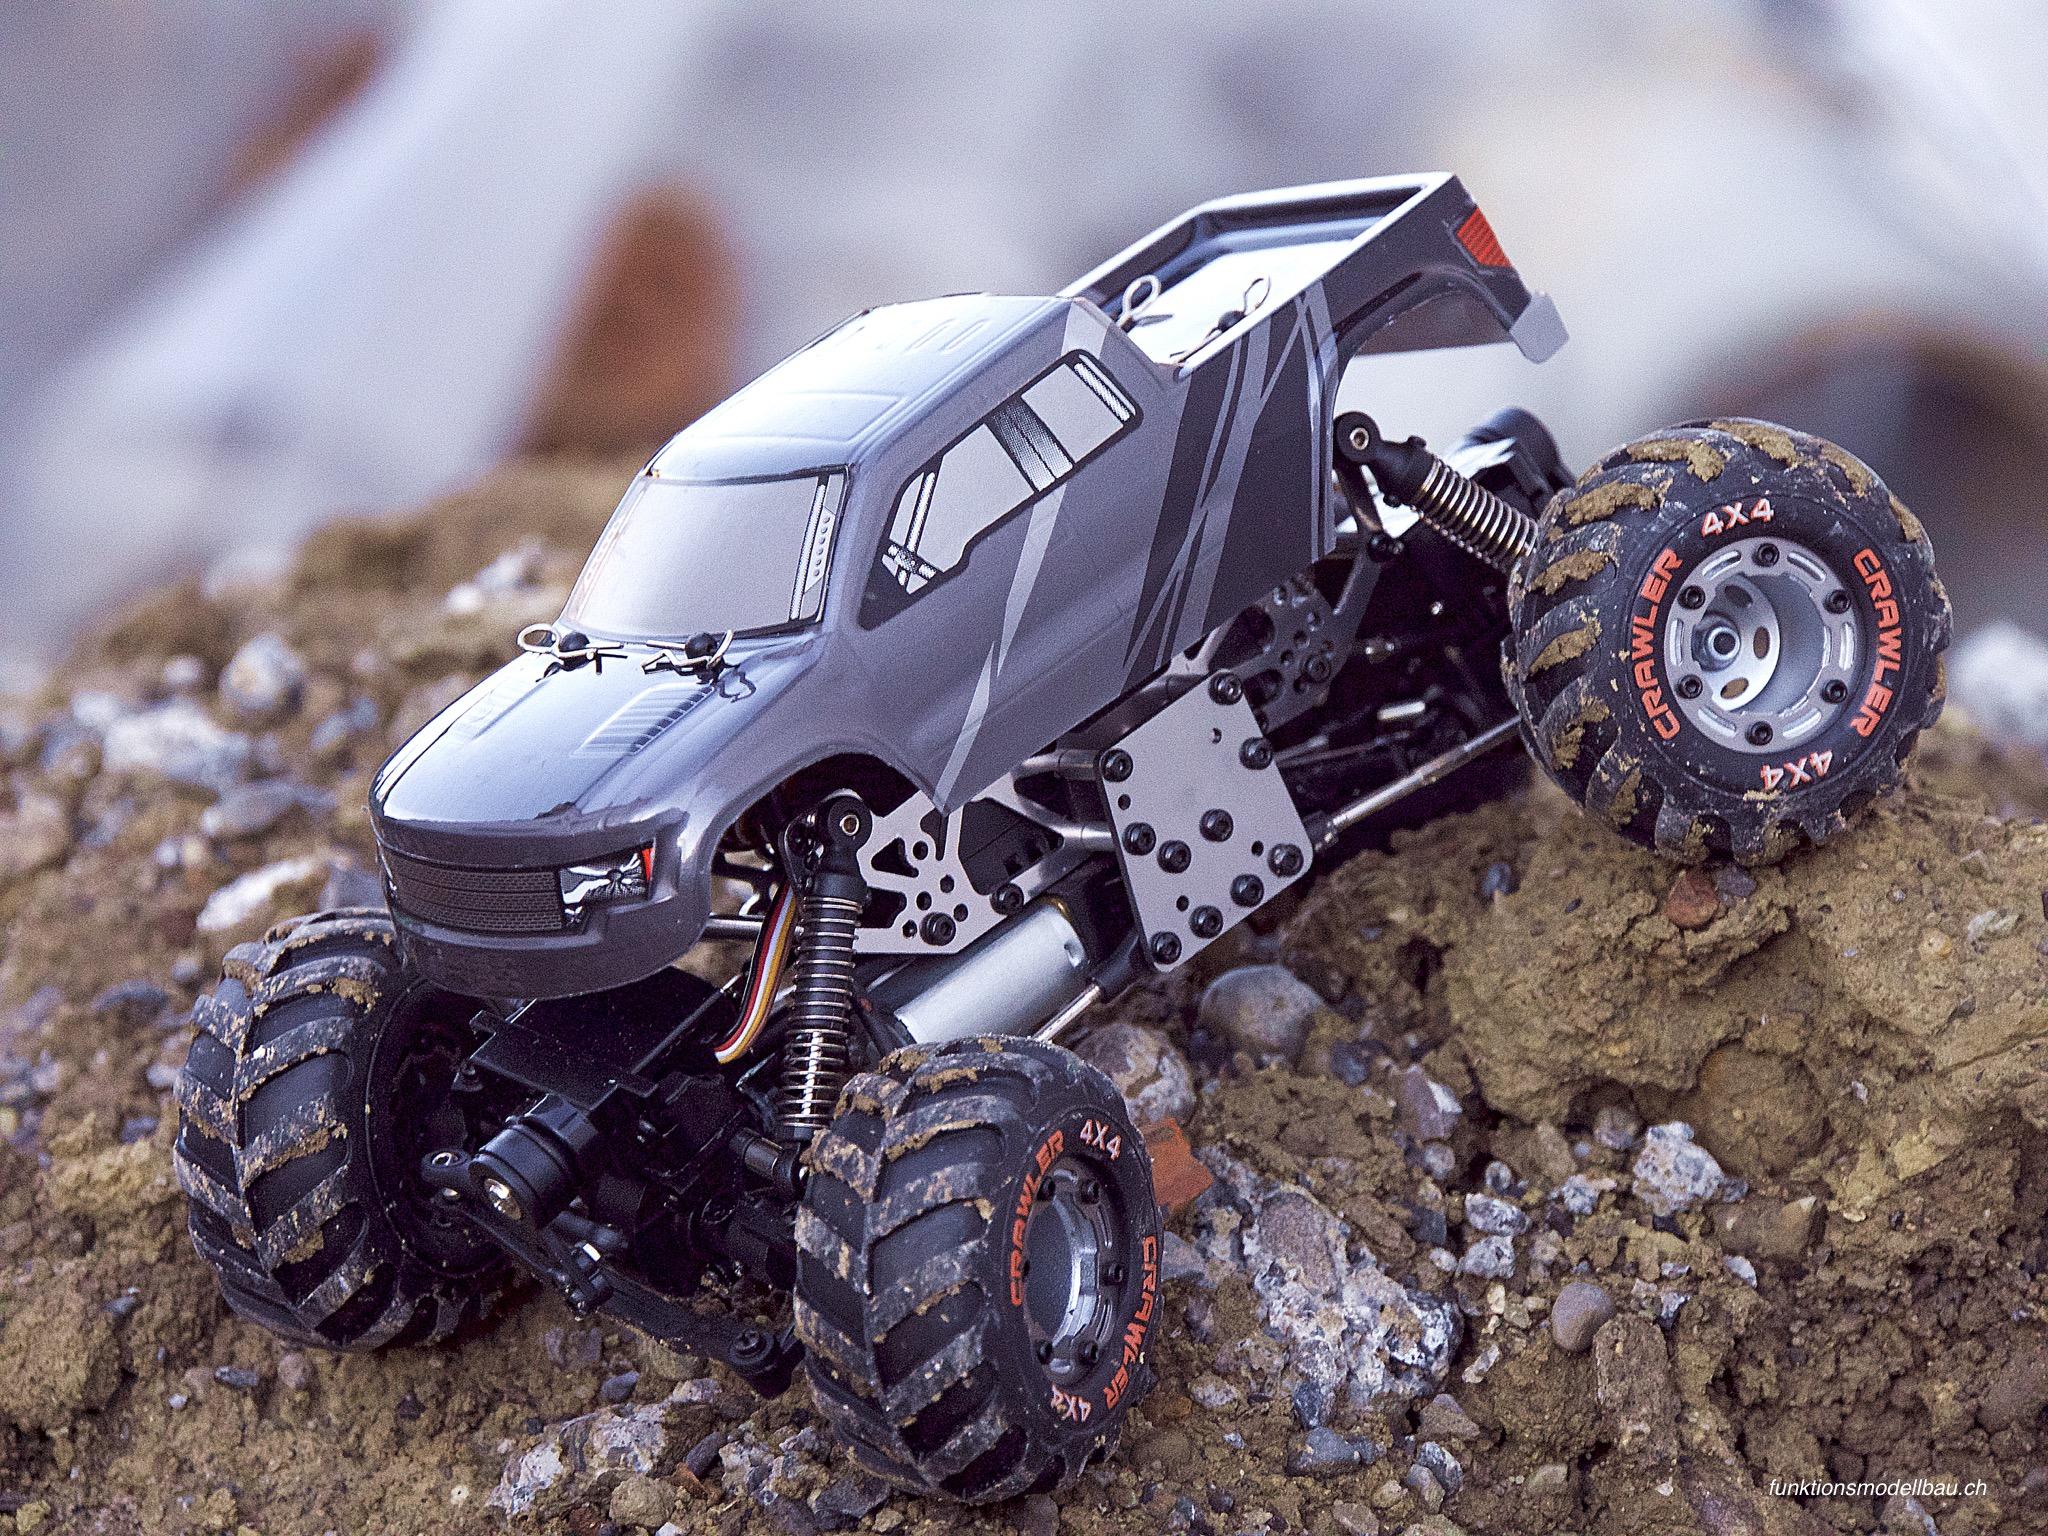 HBX-Devastator Rock Crawler - Weihnachtsgeschenks Tipp